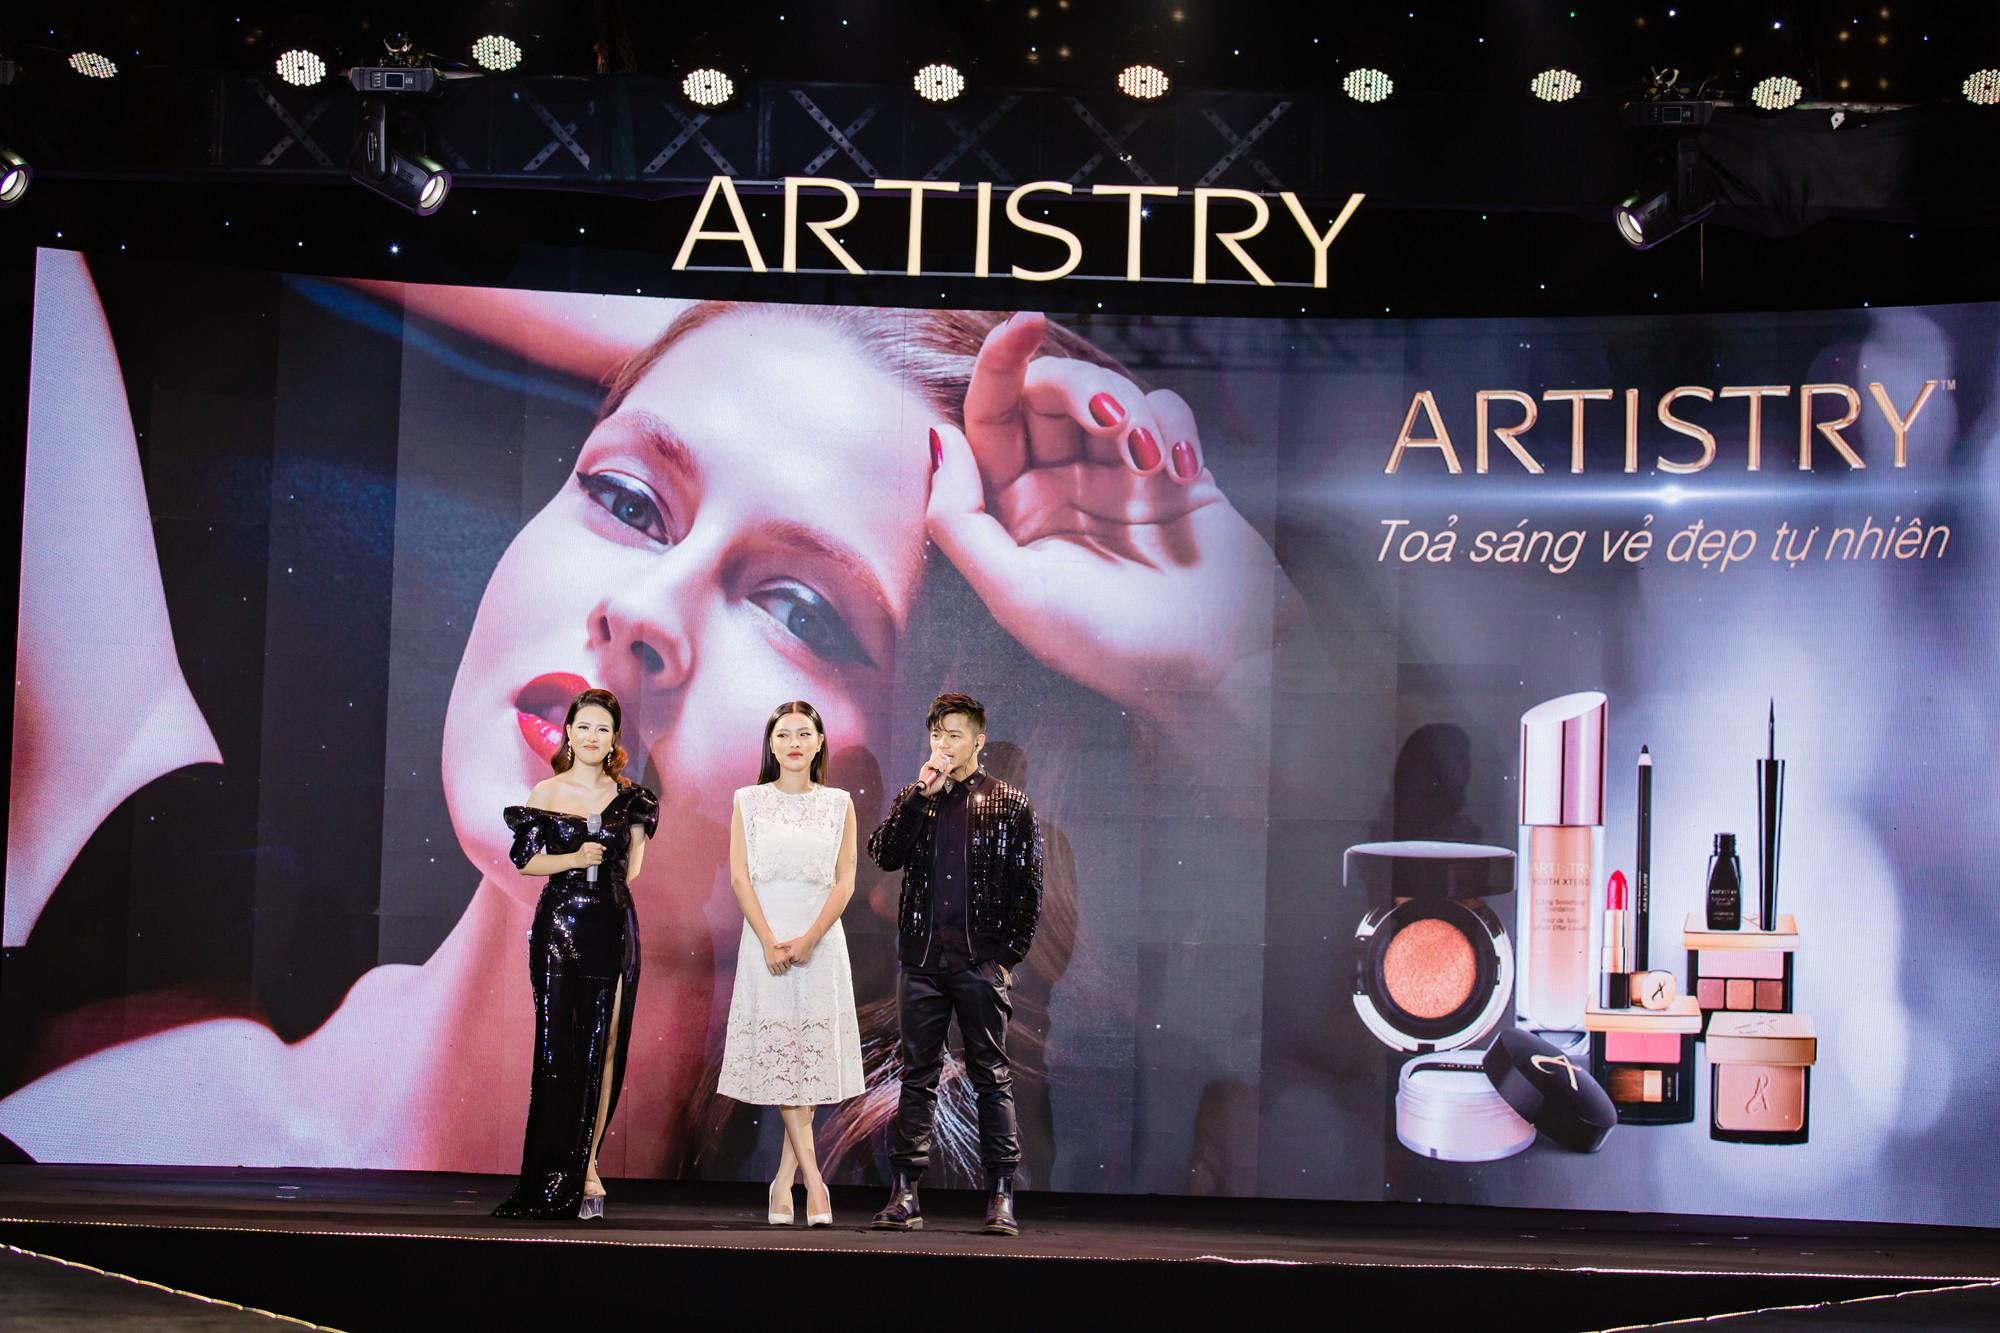 Artistry cùng phụ nữ Việt tỏa sáng vẻ đẹp tự nhiên - Ảnh 1.